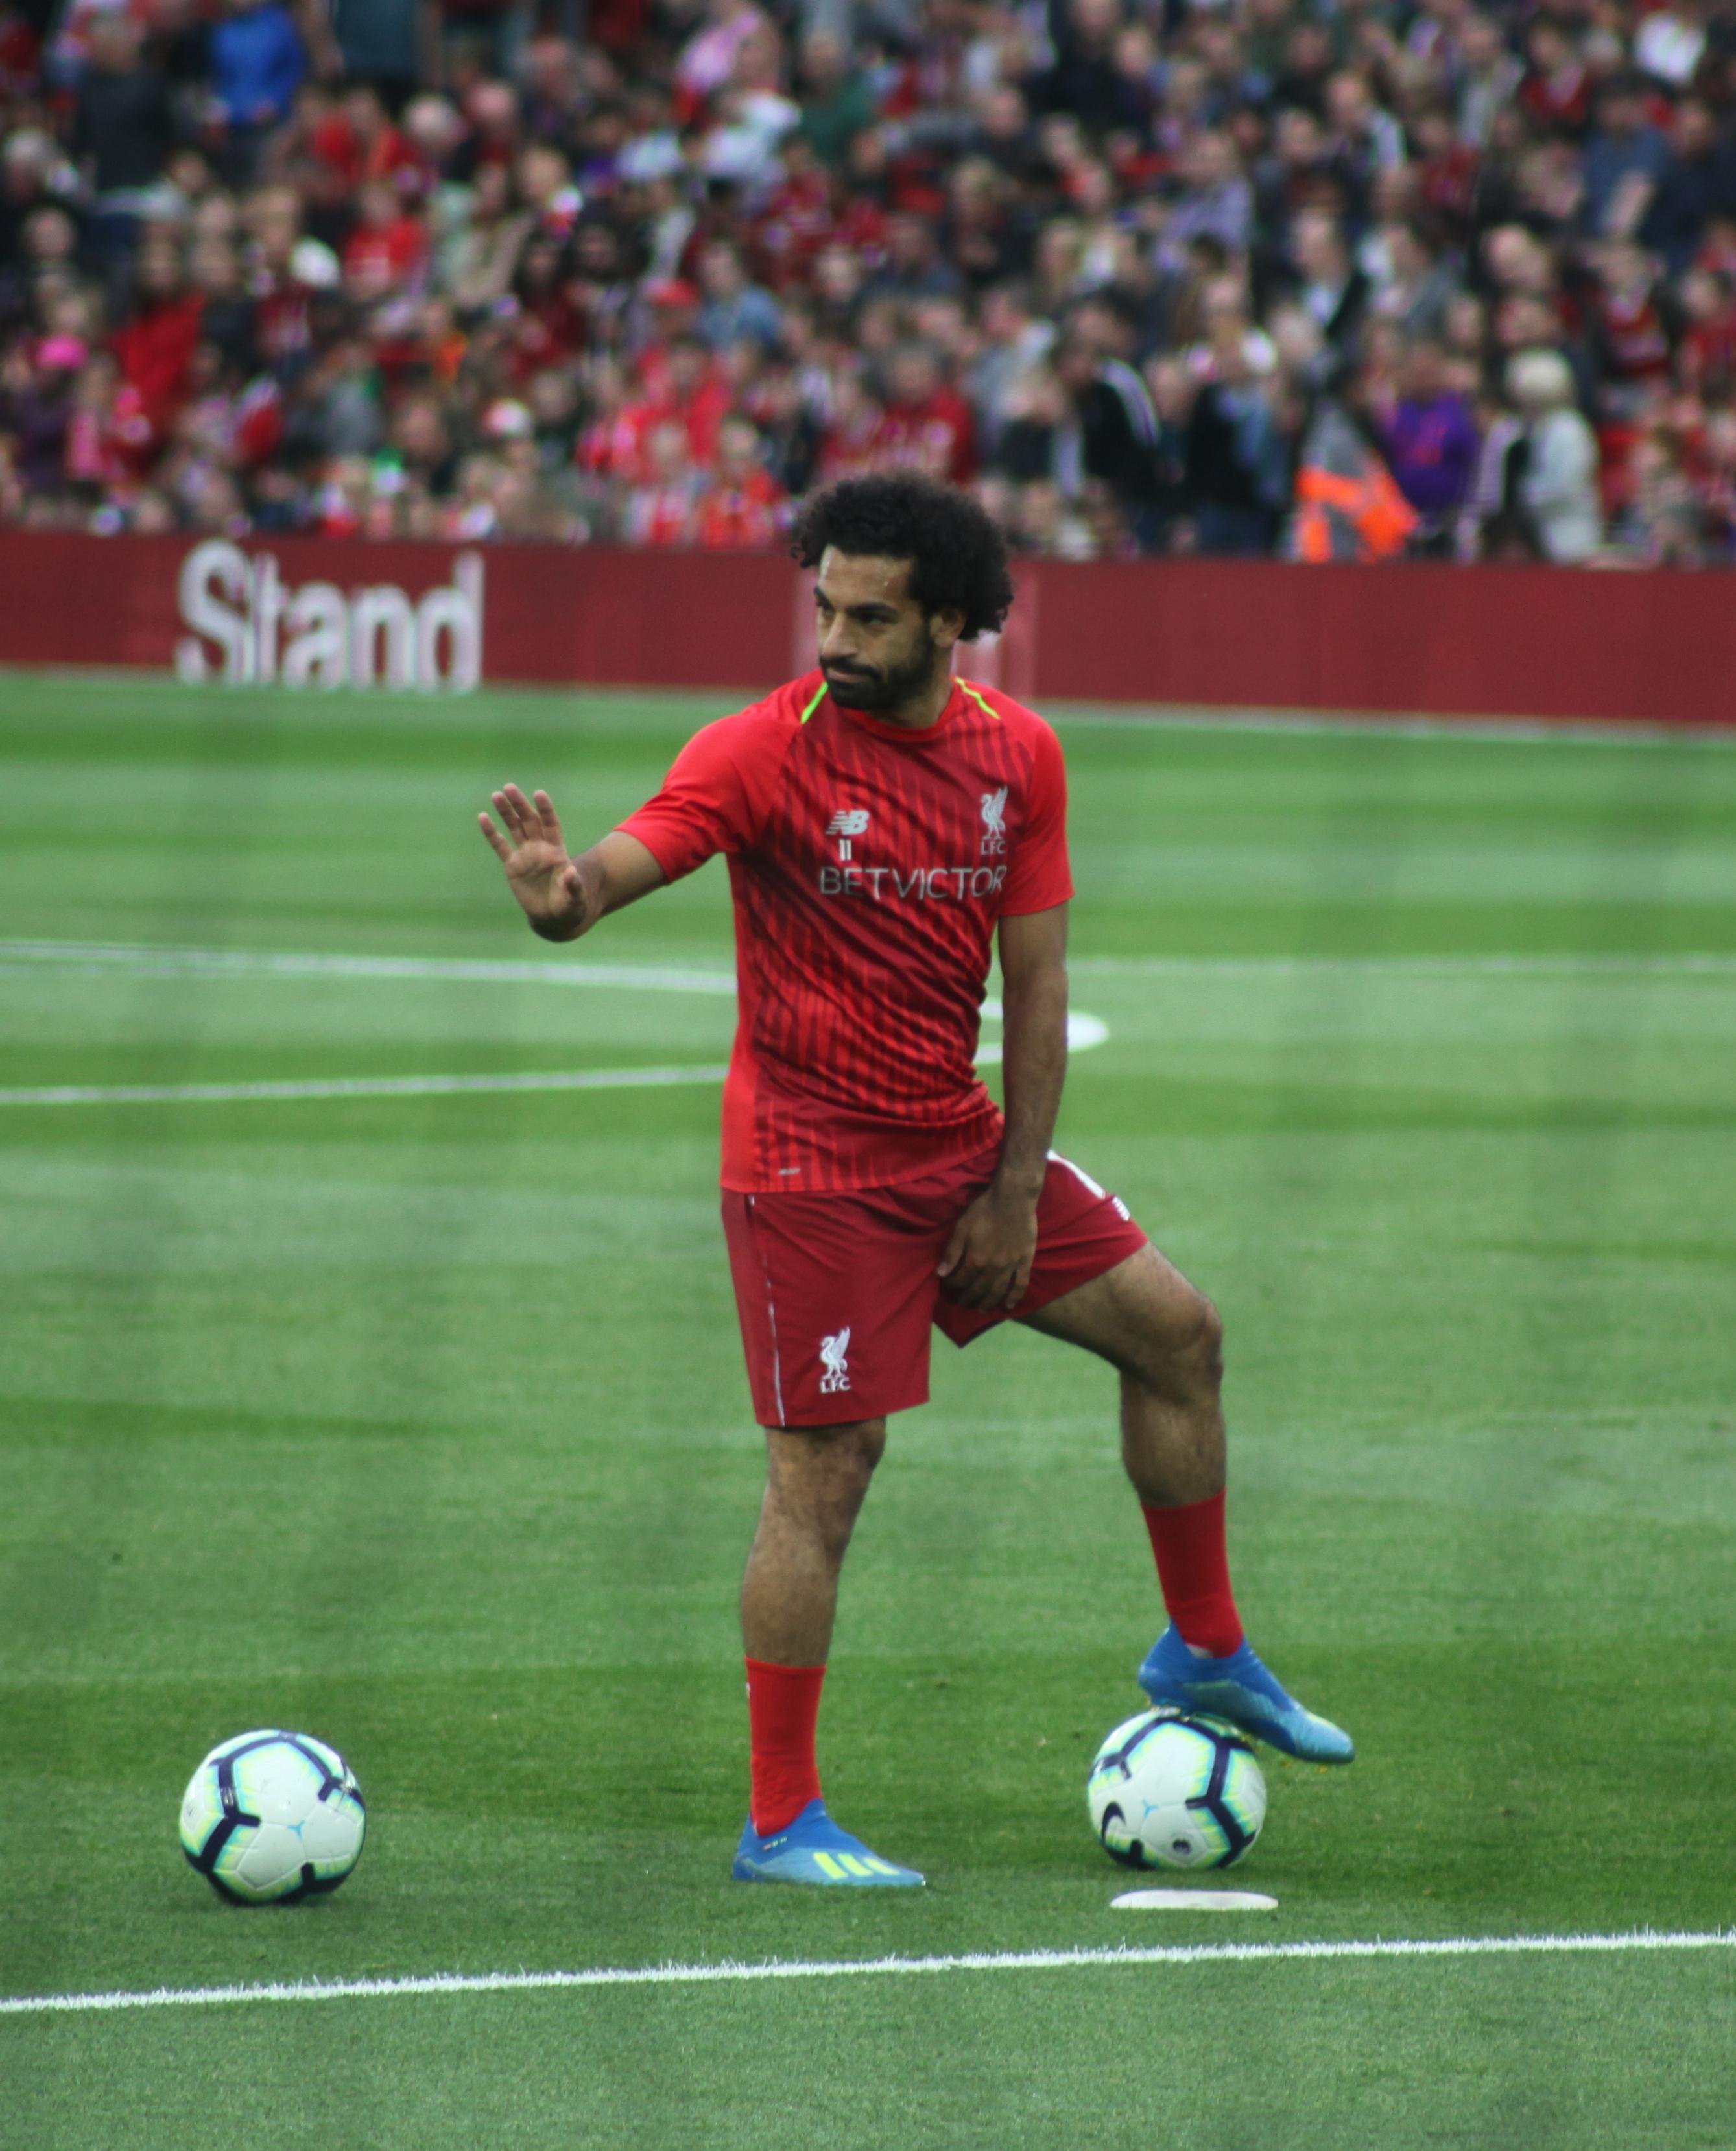 File:Mo Salah 2018 (cropped).jpg